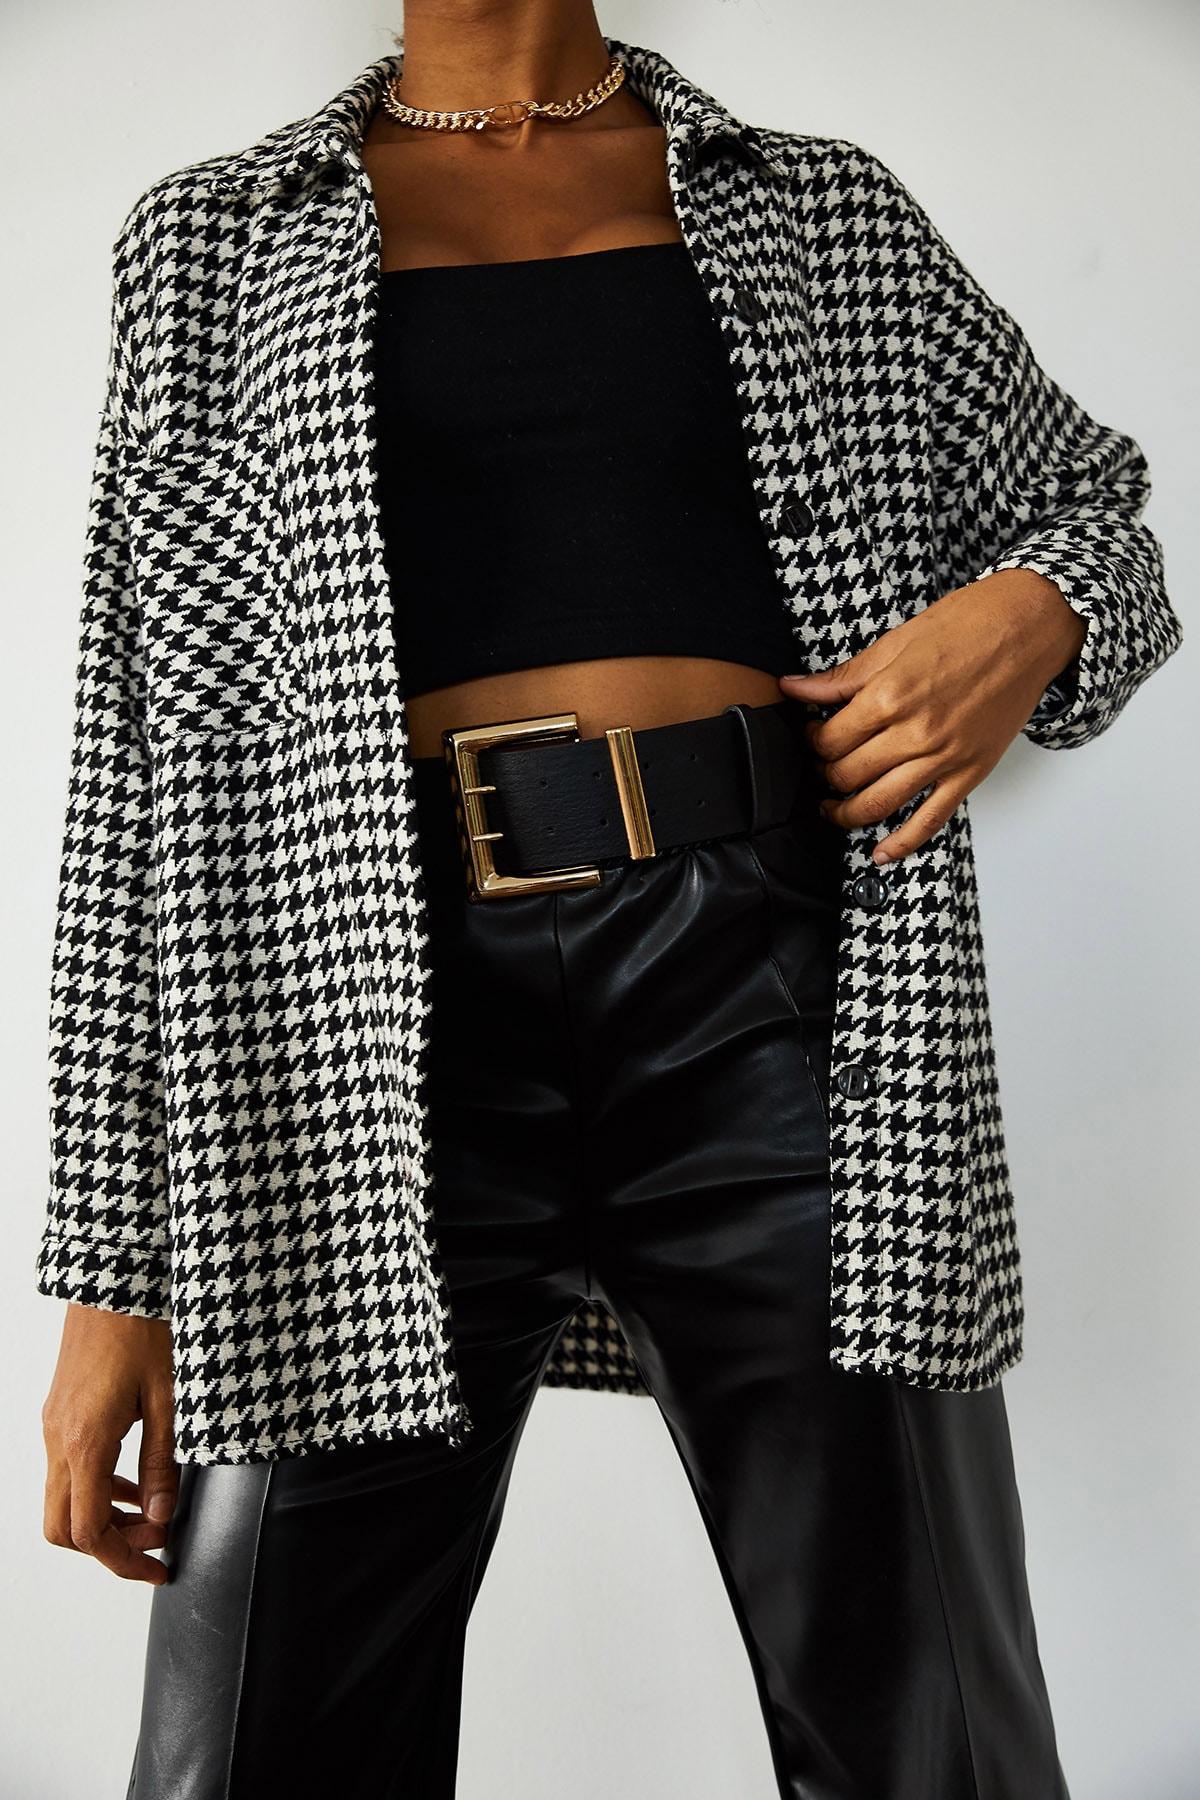 XENA Kadın Beyaz & Siyah Kazayağı Desenli Yünlü Ceket Gömlek 1KZK2-10762-01 2